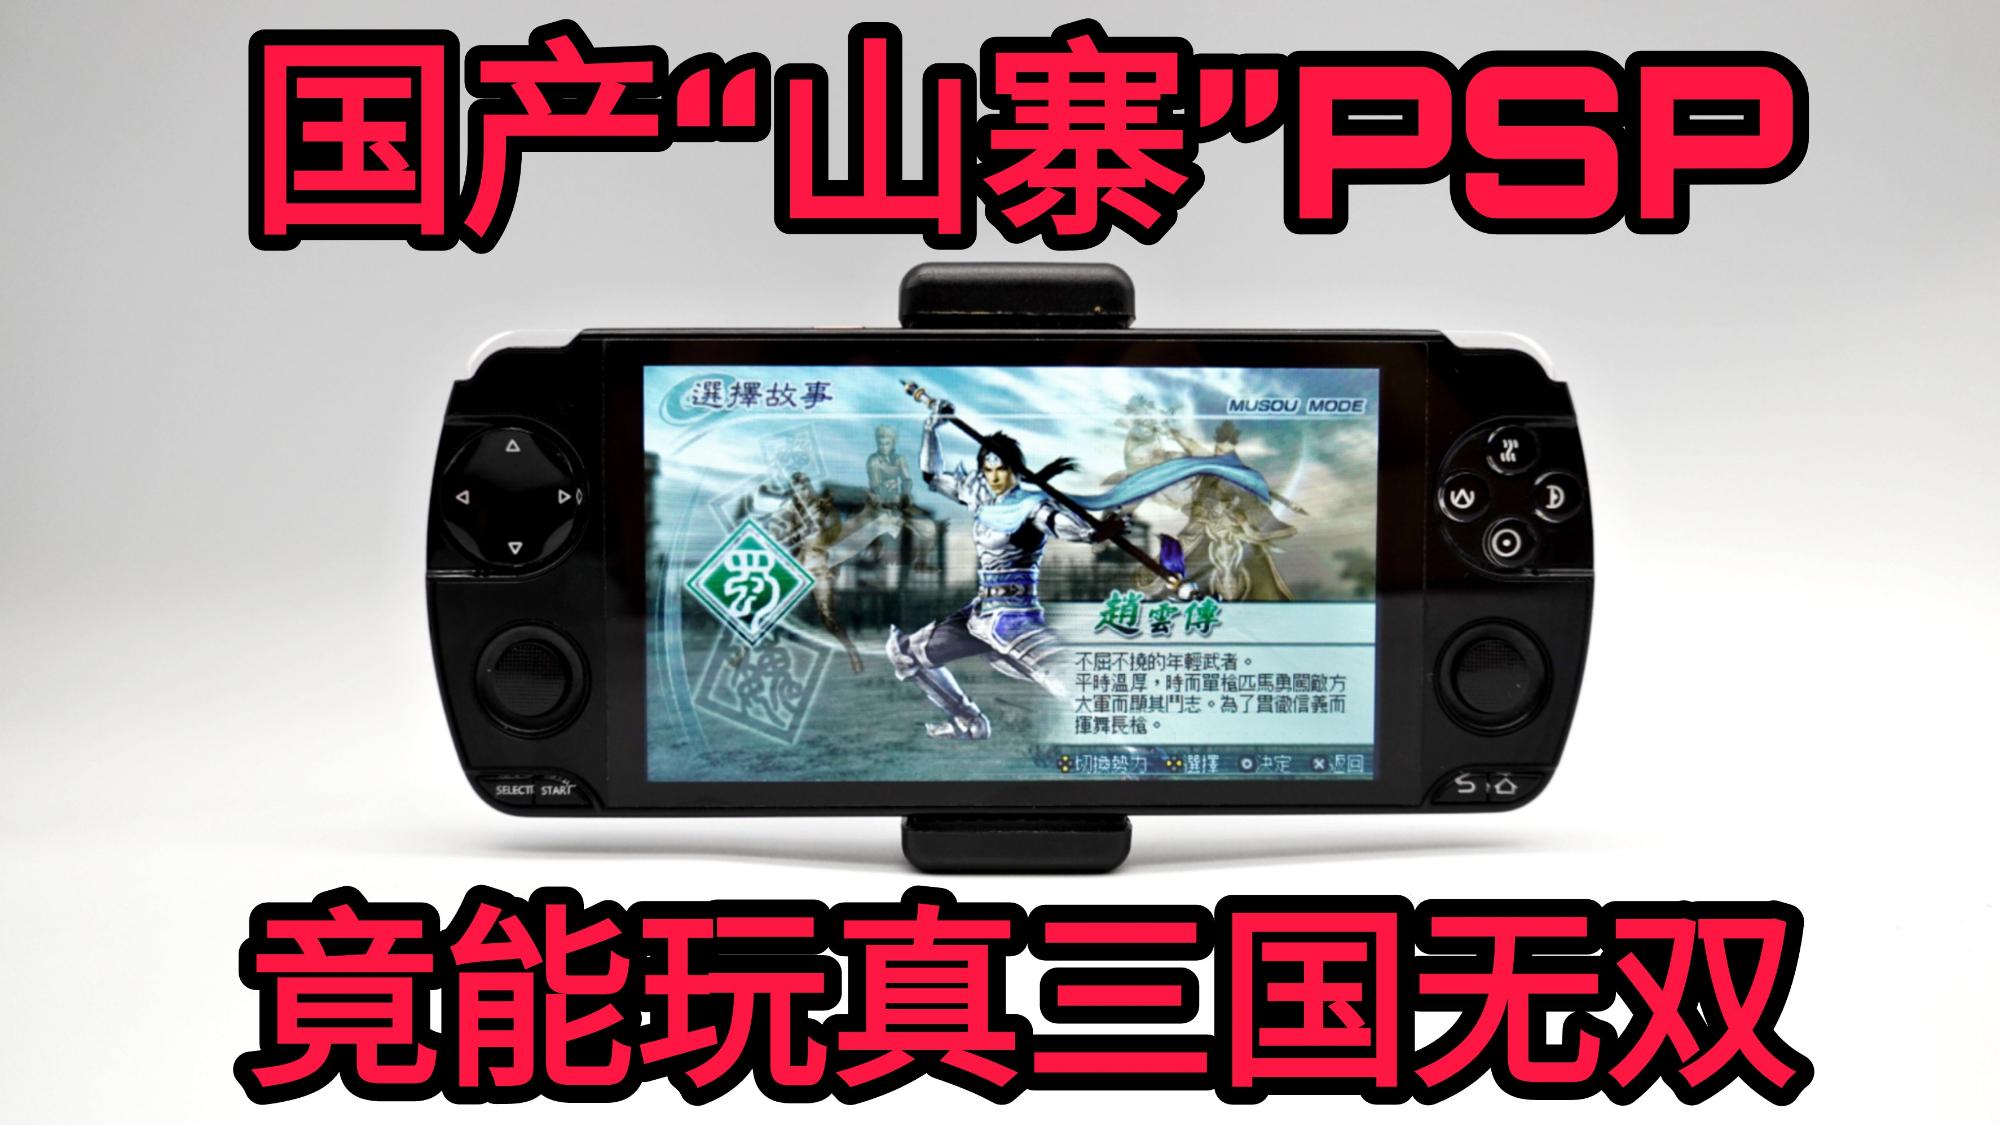 """【超A新生计划】国产""""山寨""""PSP掌机,居然可以玩《真三国无双》?!"""